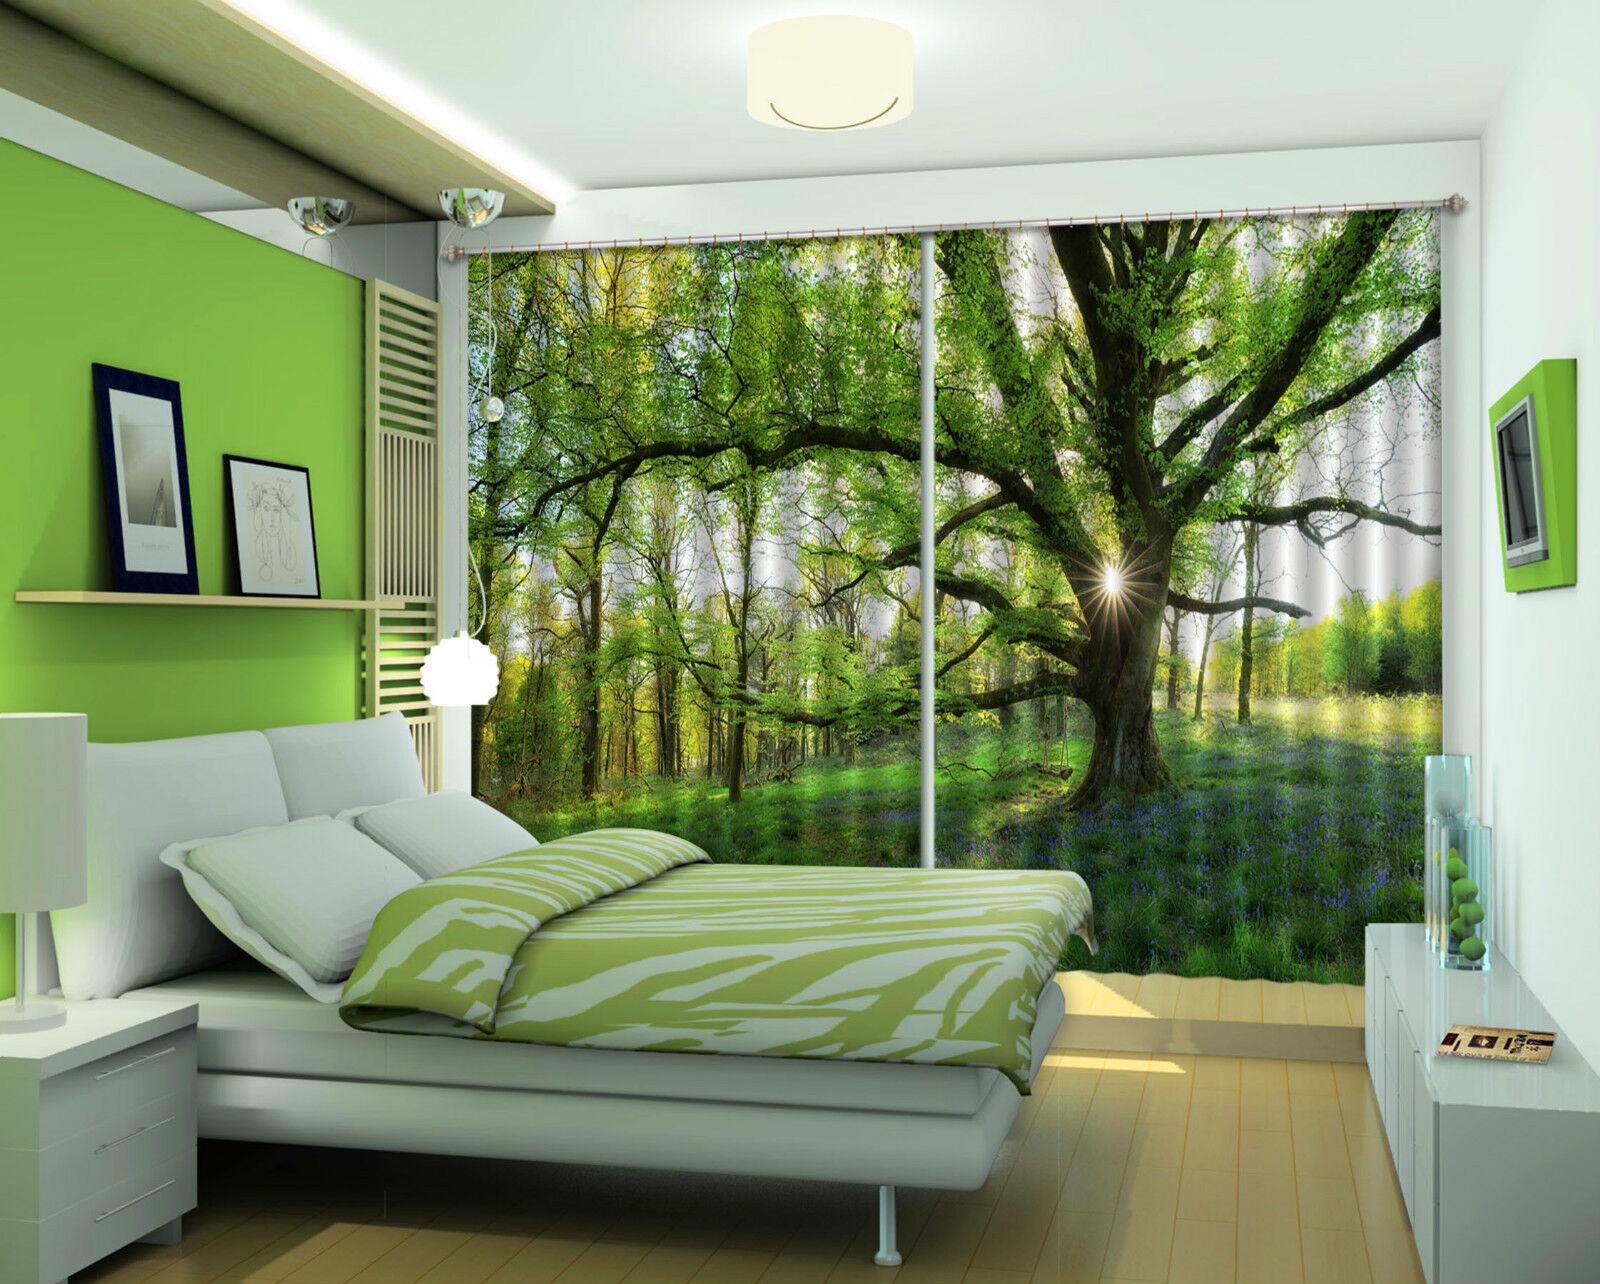 3d grande árbol 5447 bloqueo foto cortina cortina de impresión sustancia cortinas de ventana